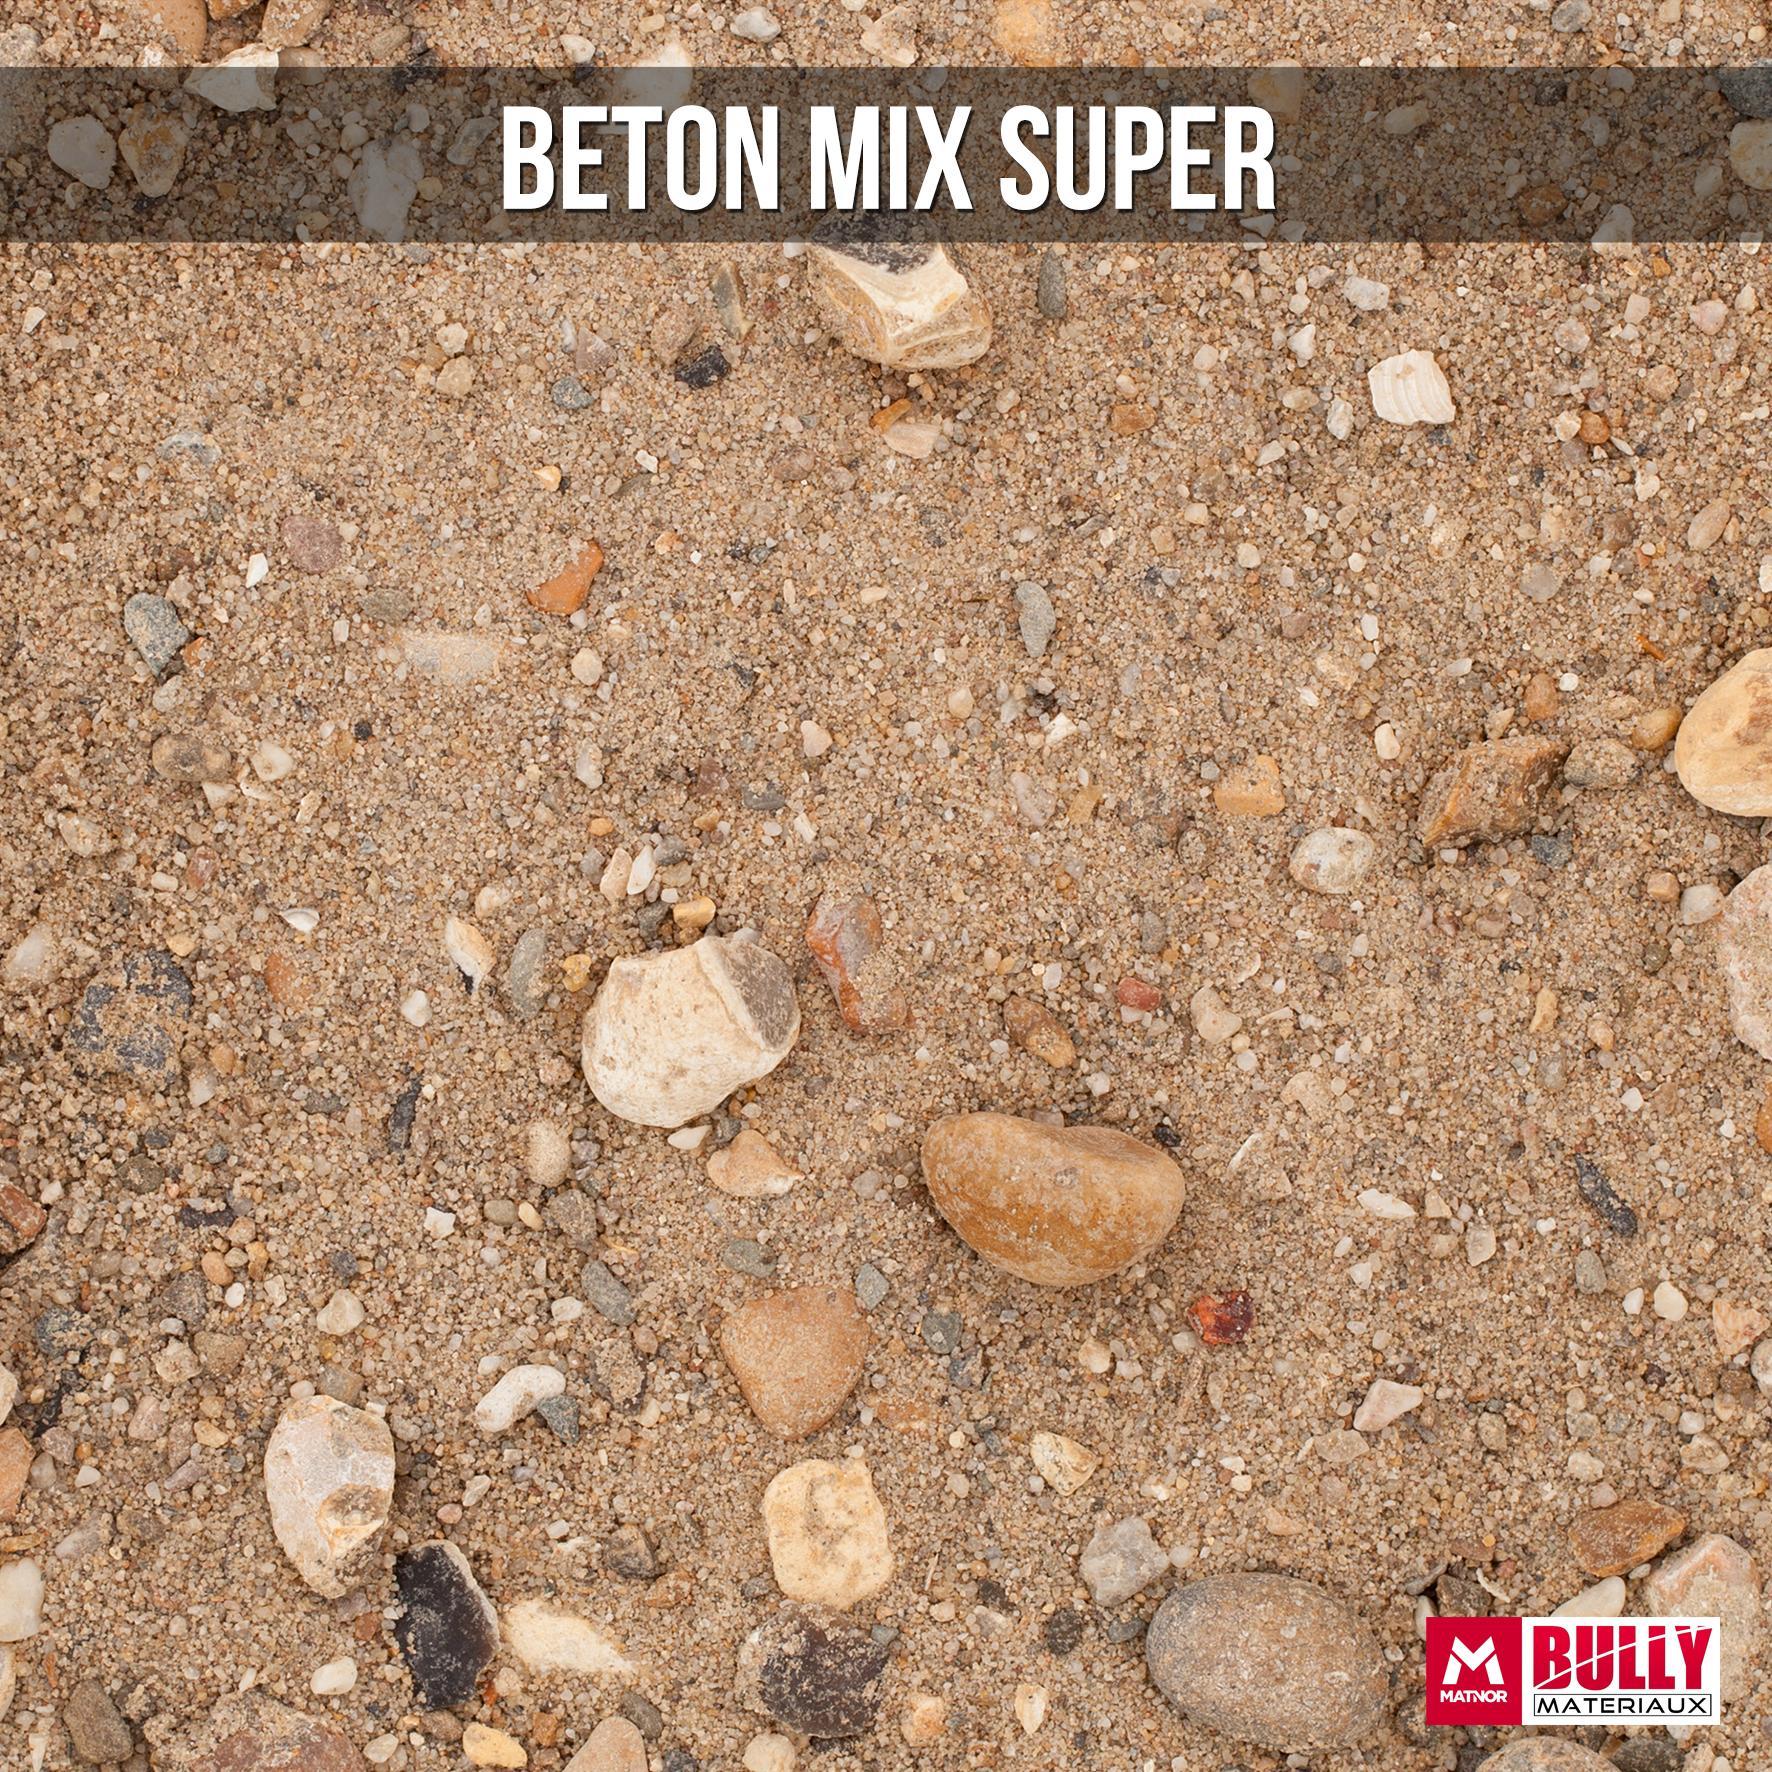 Betonmix super 1